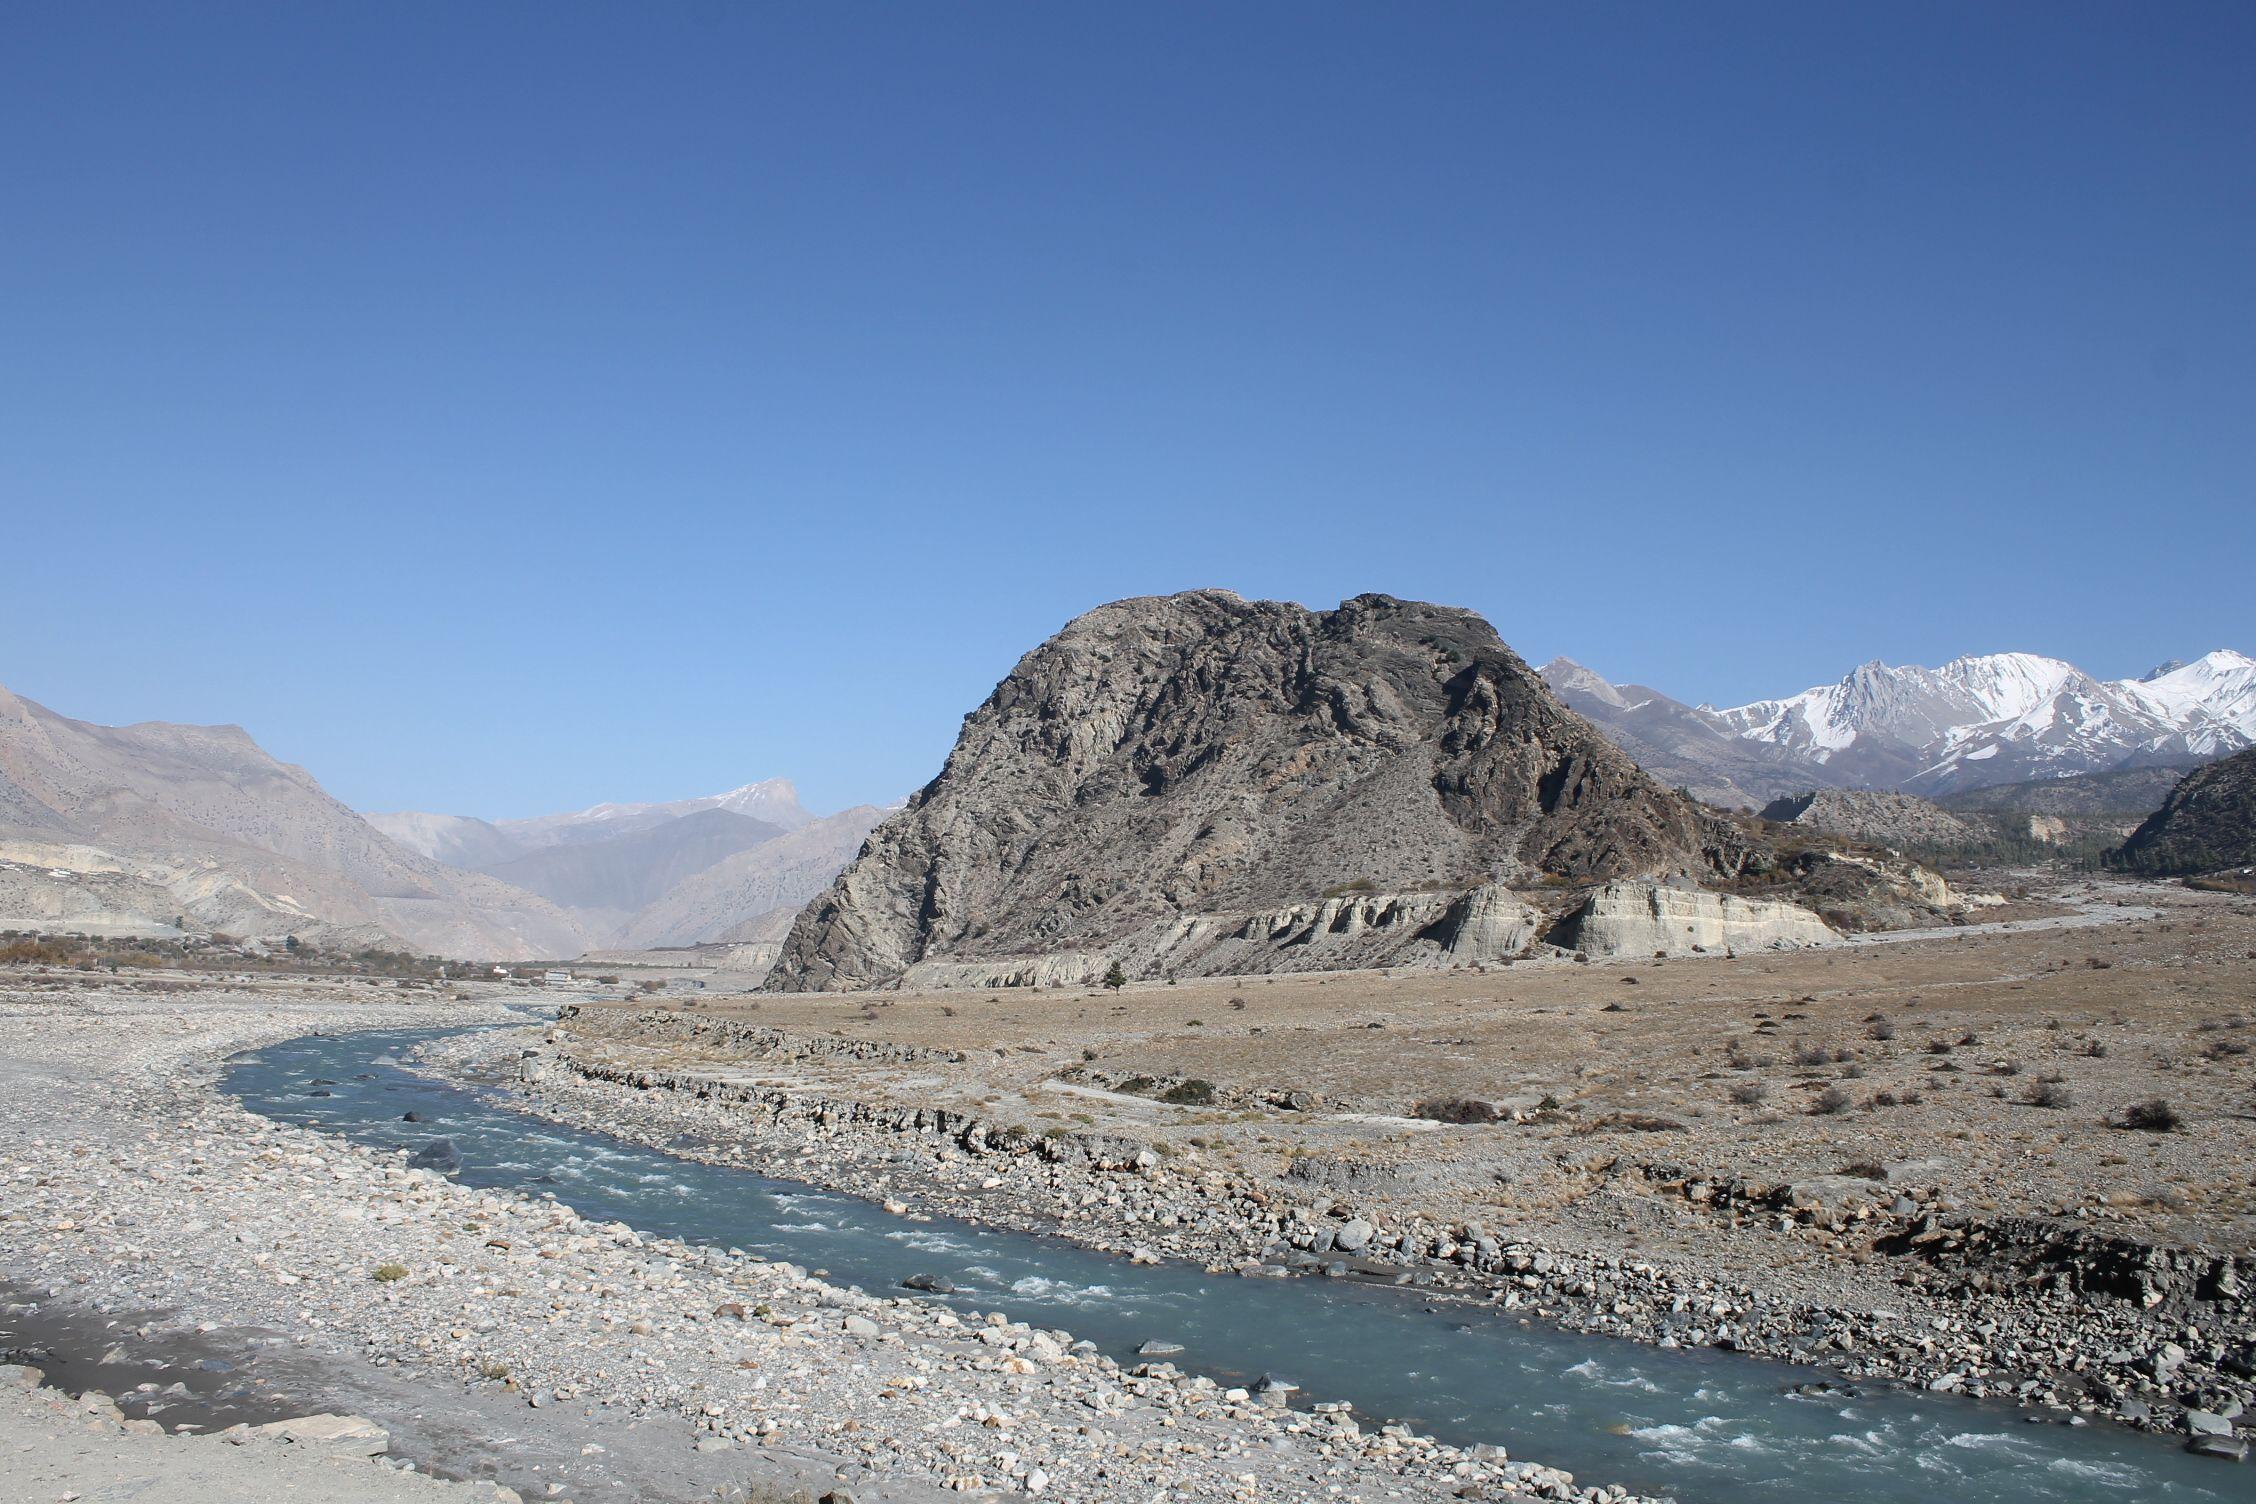 Caminando por medio del río, paisaje desértico